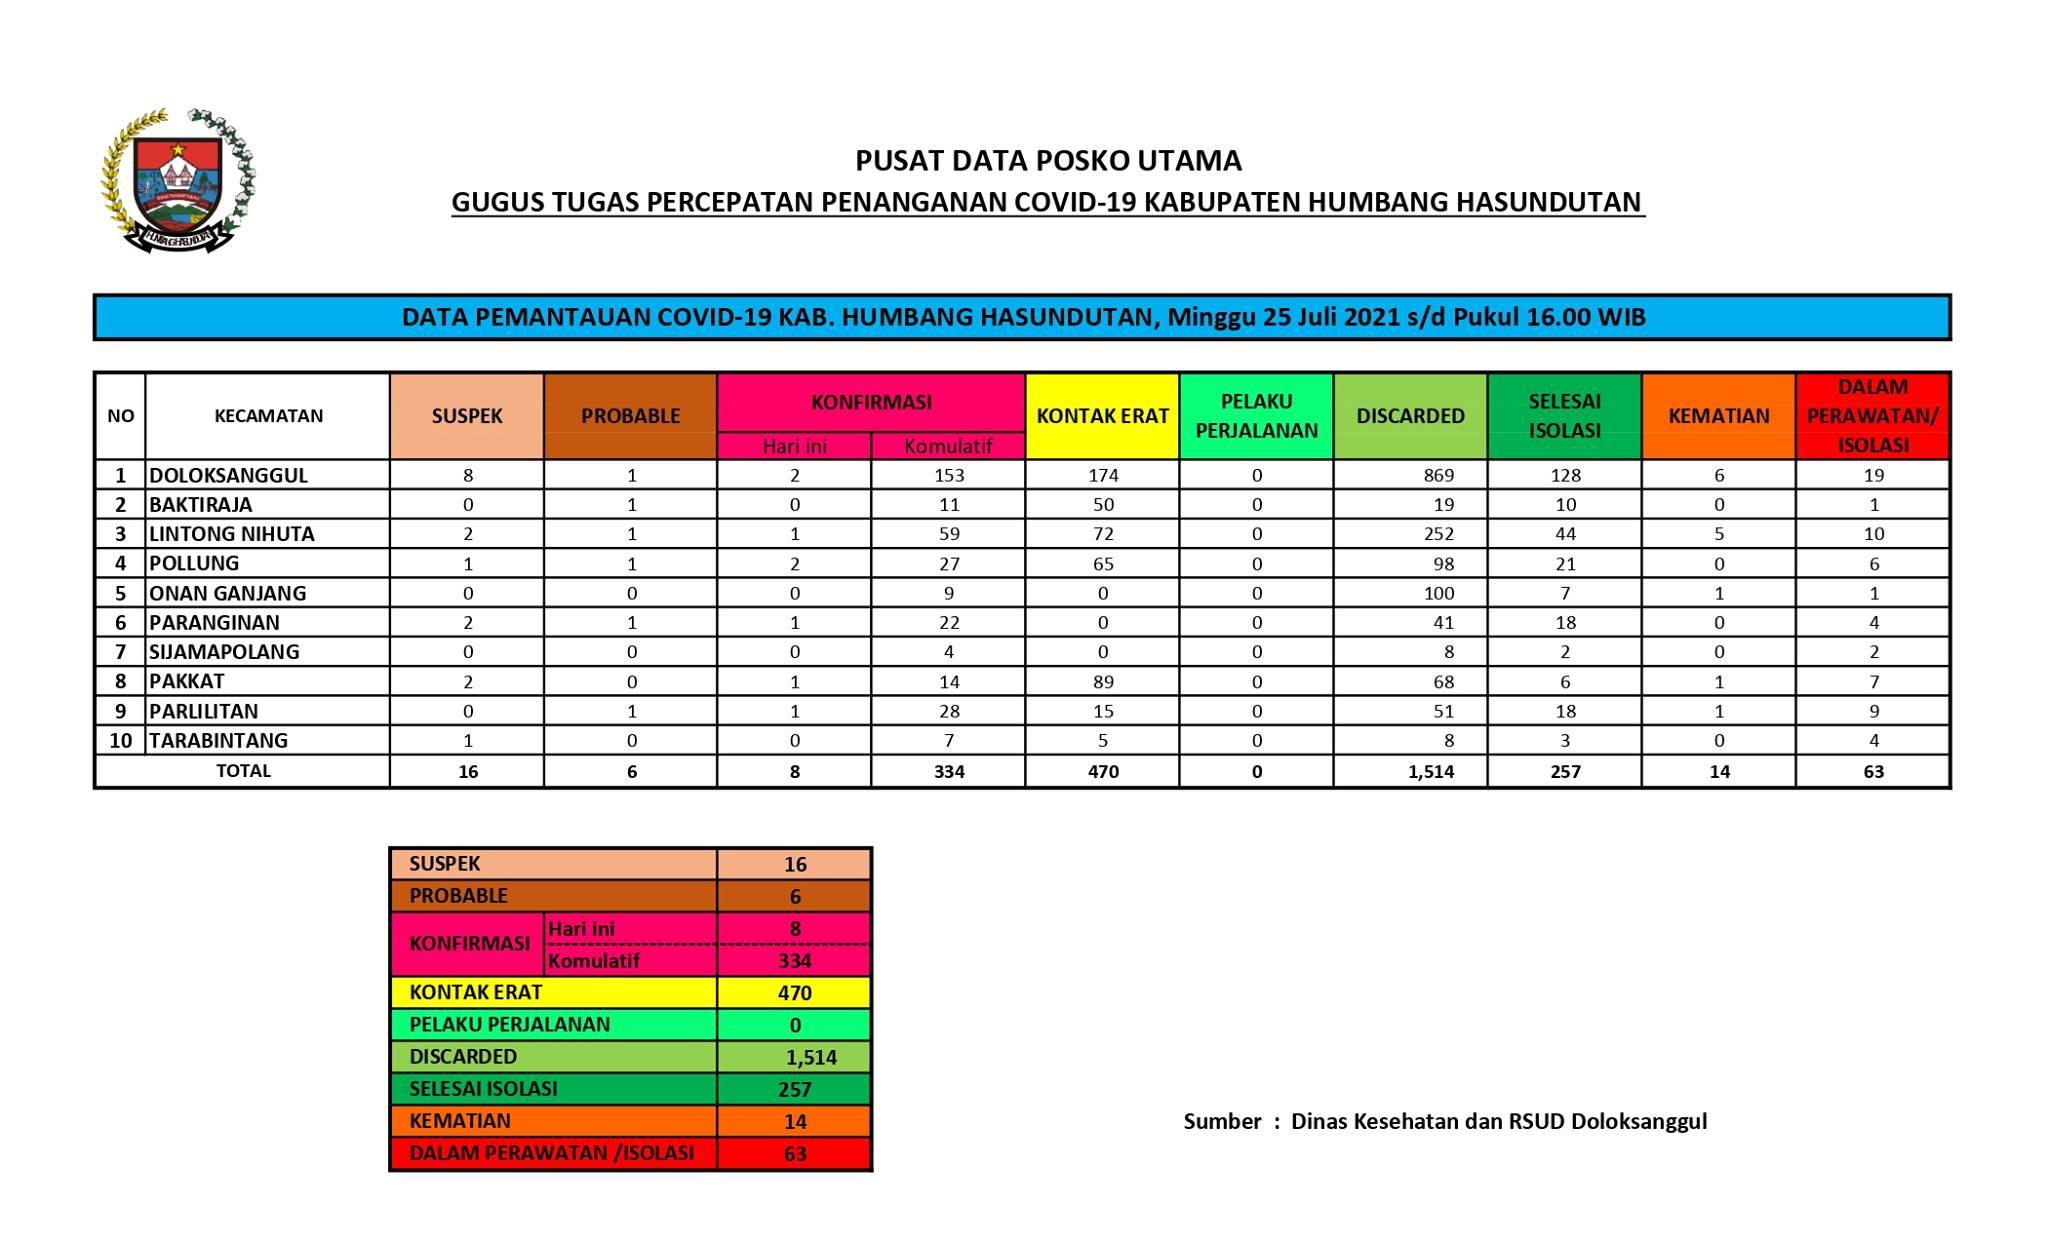 Peta Pemantauan Covid-19 Pemerintah Kabupaten Humbang Hasundutan, Minggu 25 Juli 2021 s/d Pukul 16.00 WIB